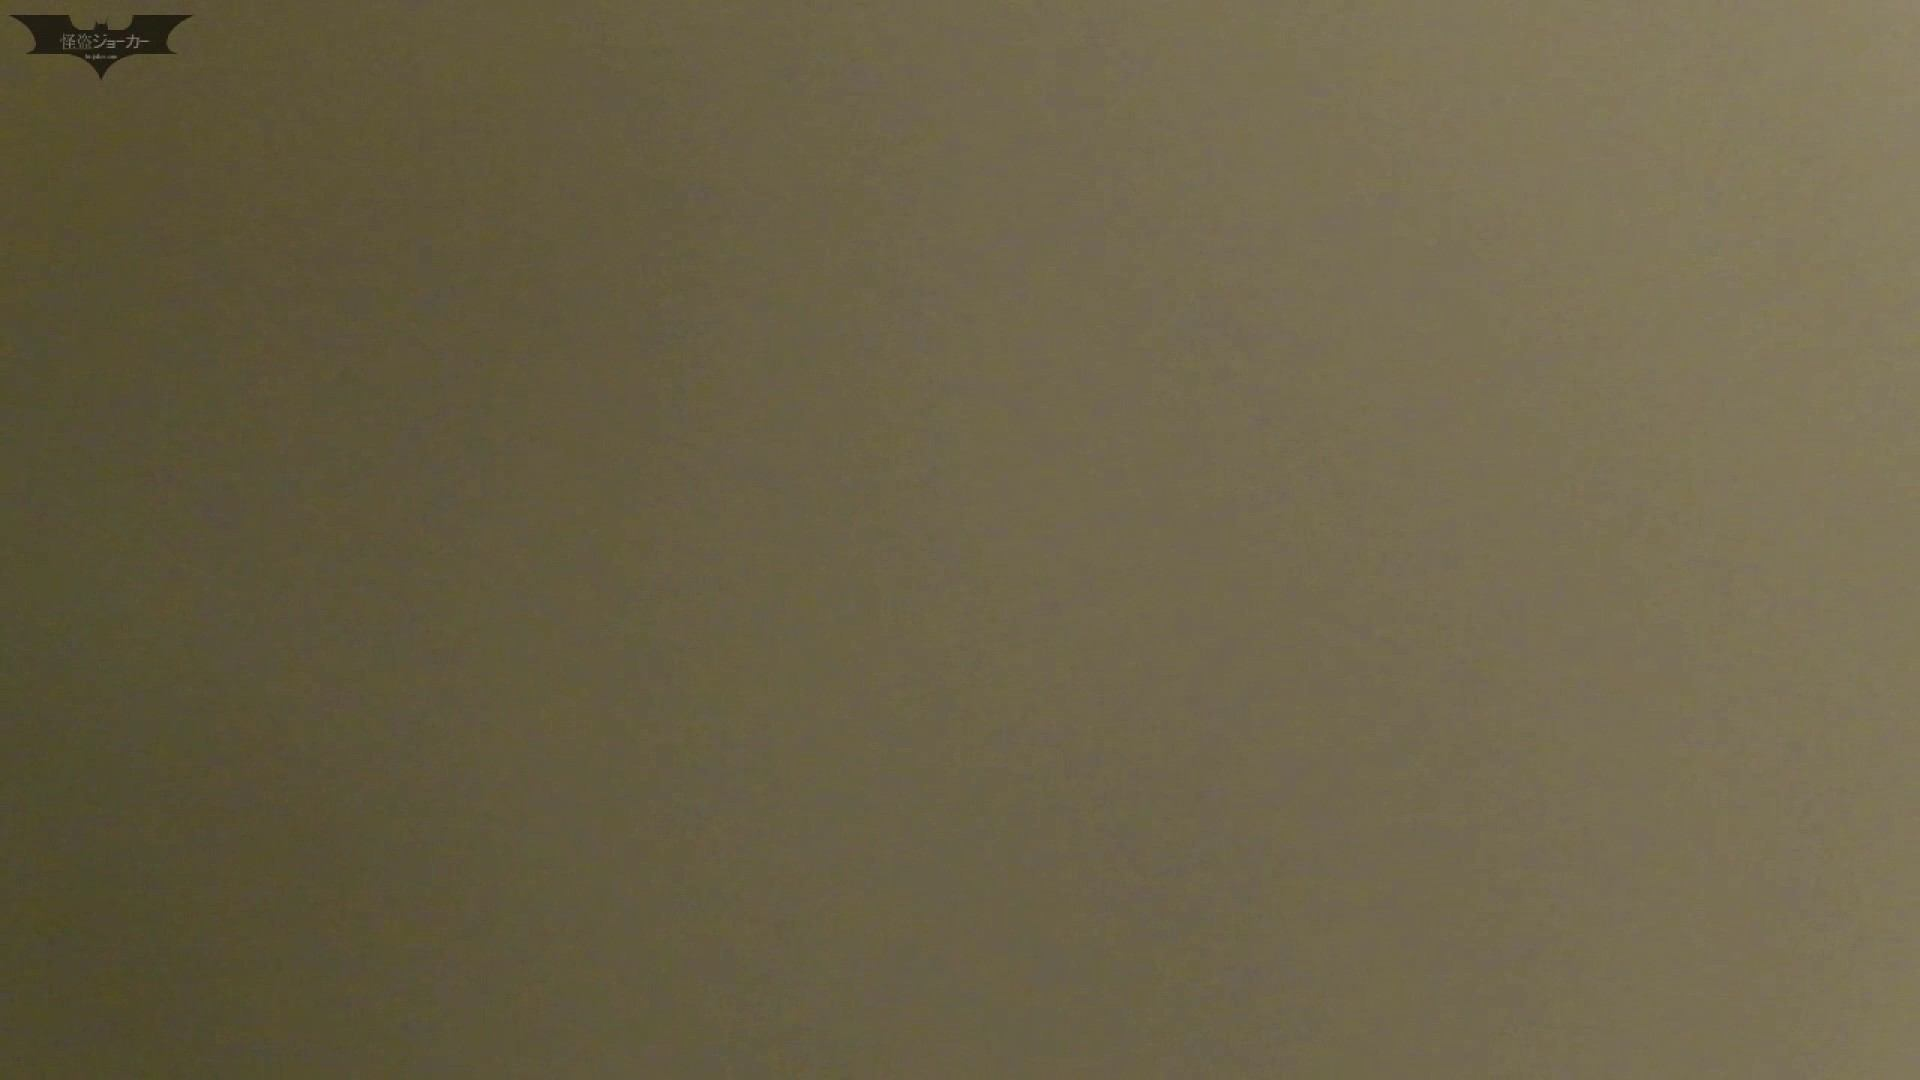 【期間・個数限定配信】 マンコ丸見え!第三体育館潜入撮File001 期間限定   マンコ特集  77連発 26